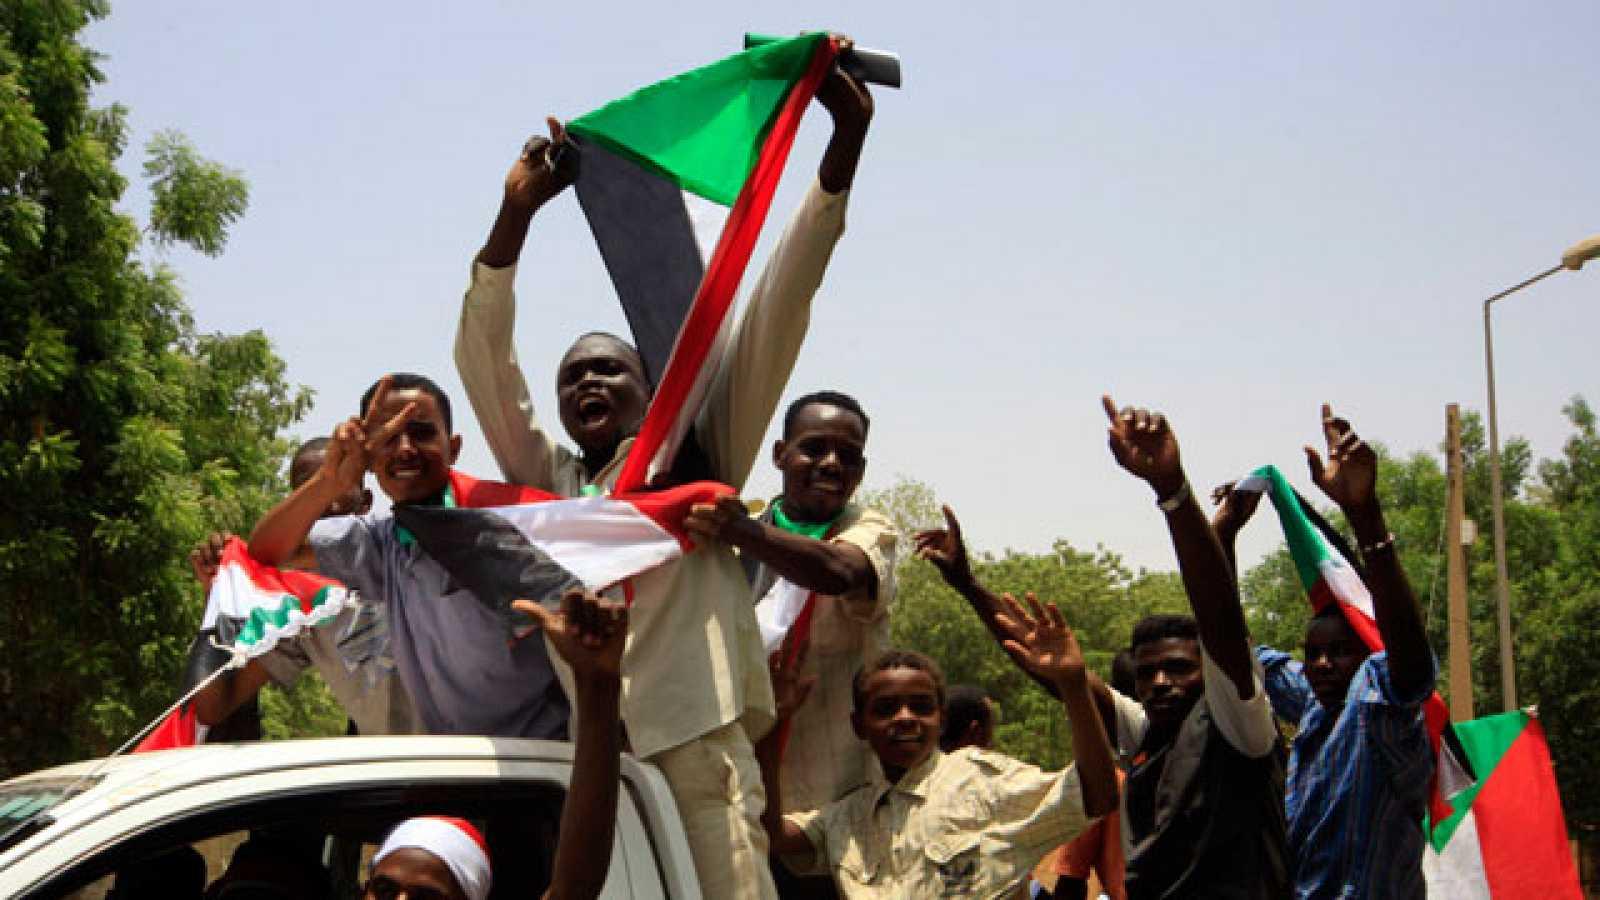 República de Sudán del Sur se convierte en el país más joven del mundo